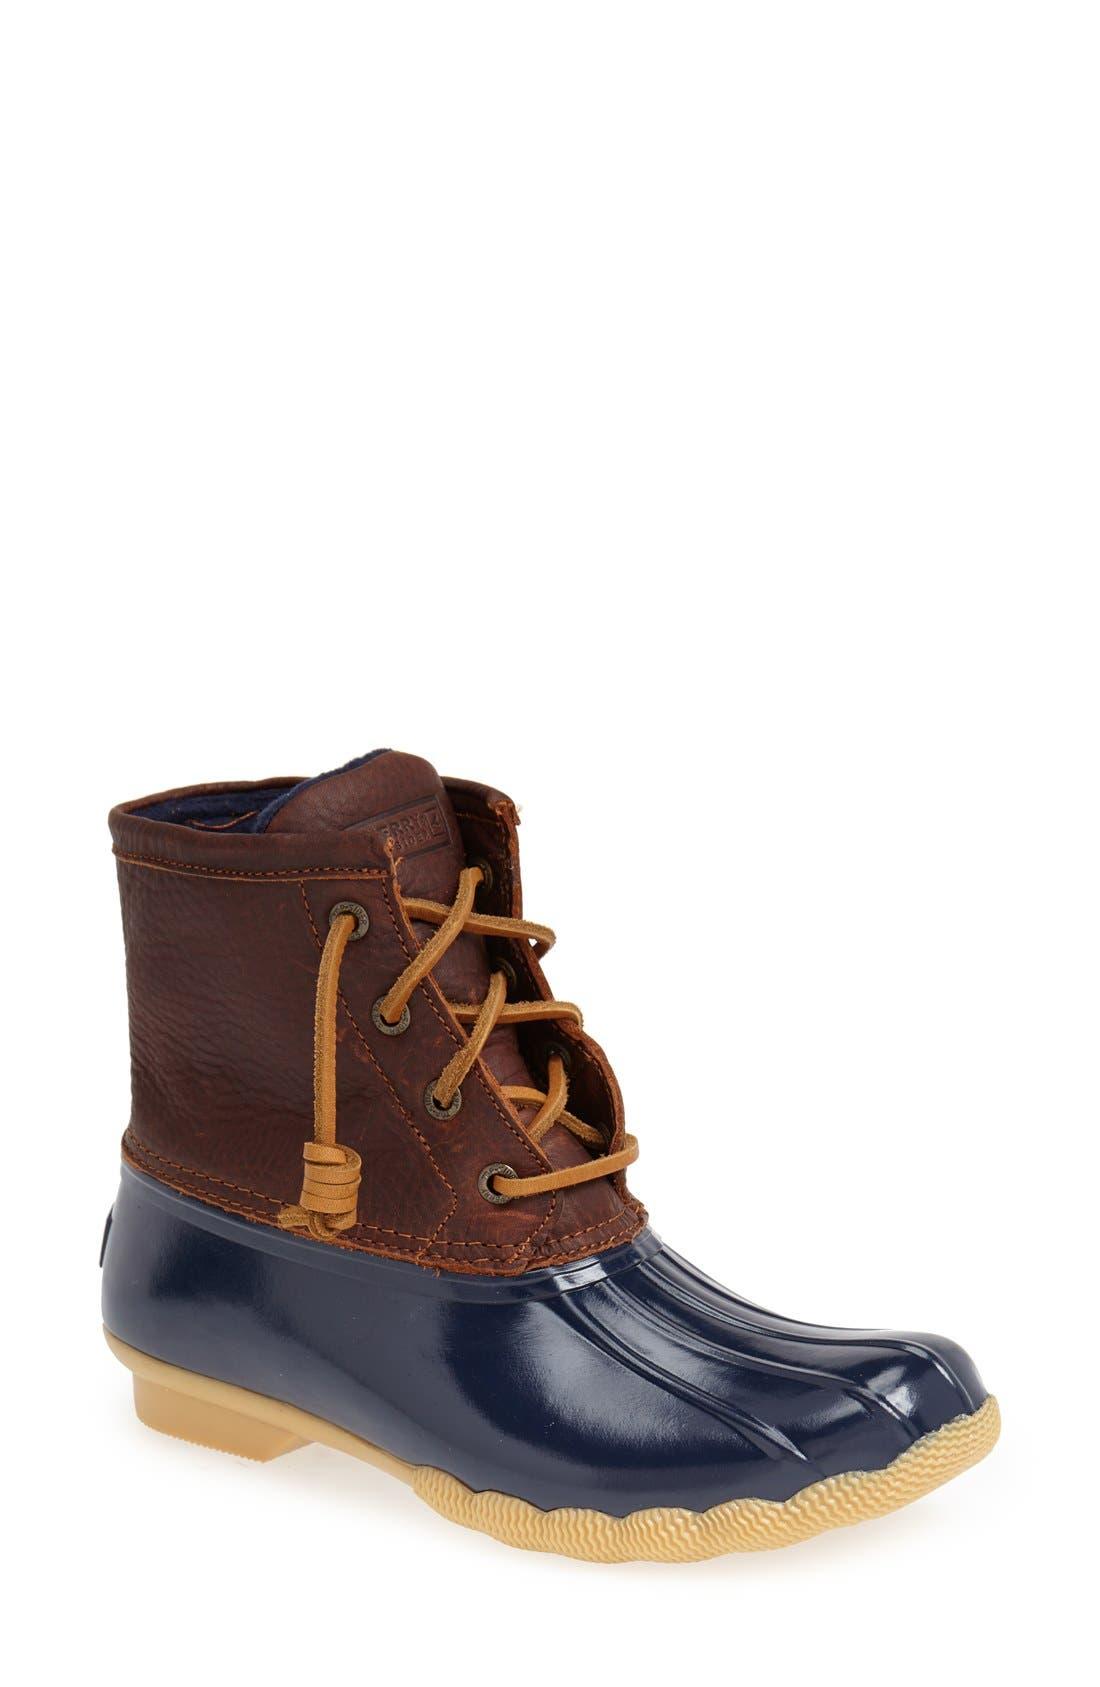 Sperry Saltwater Duck Boot (Women